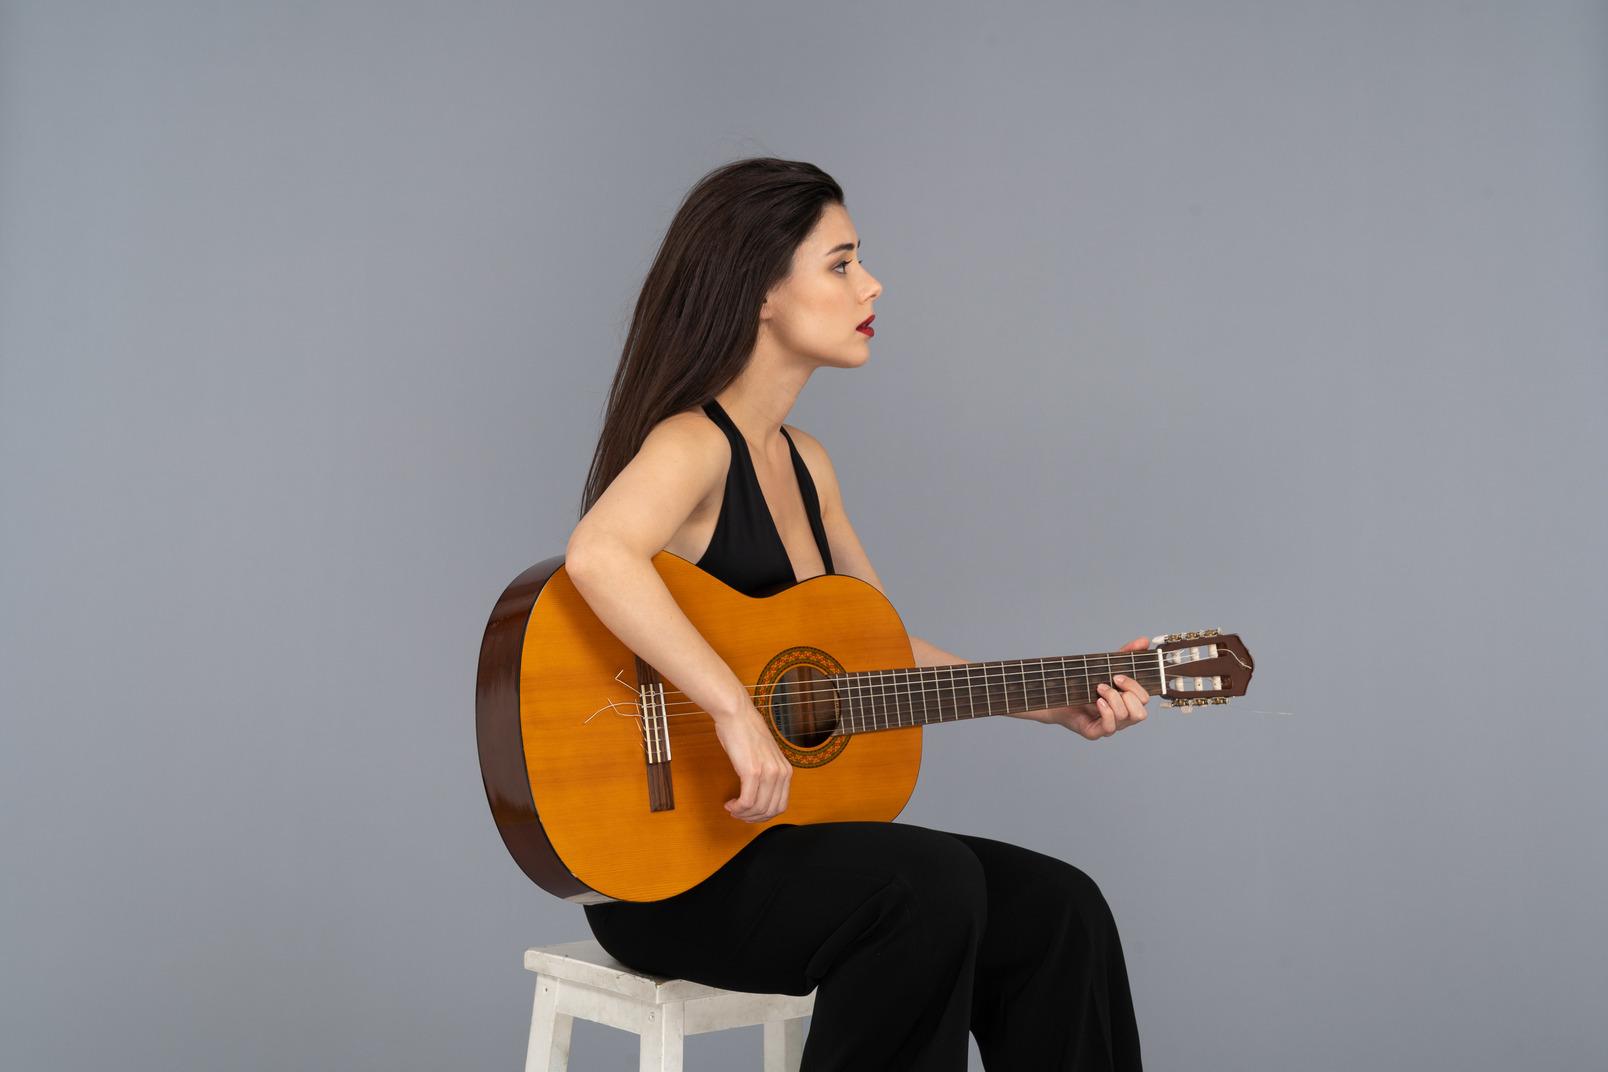 Dreiviertelansicht einer sitzenden jungen dame im schwarzen anzug, die gitarre spielt